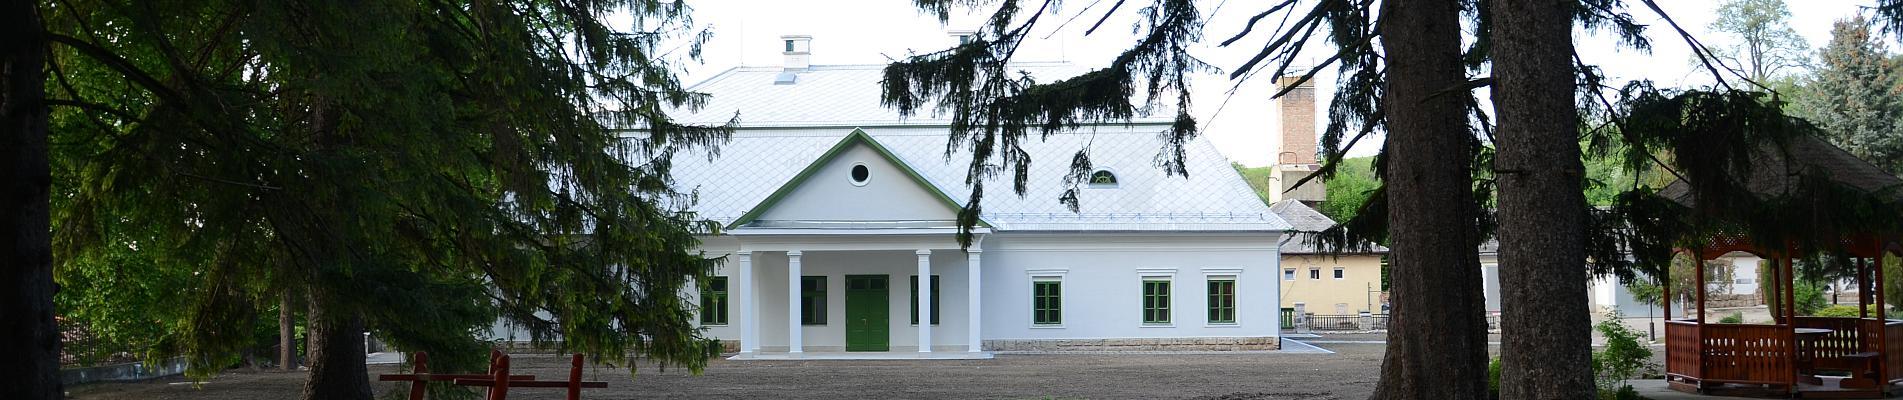 Mónosbéli Szabó-kúria felújítása